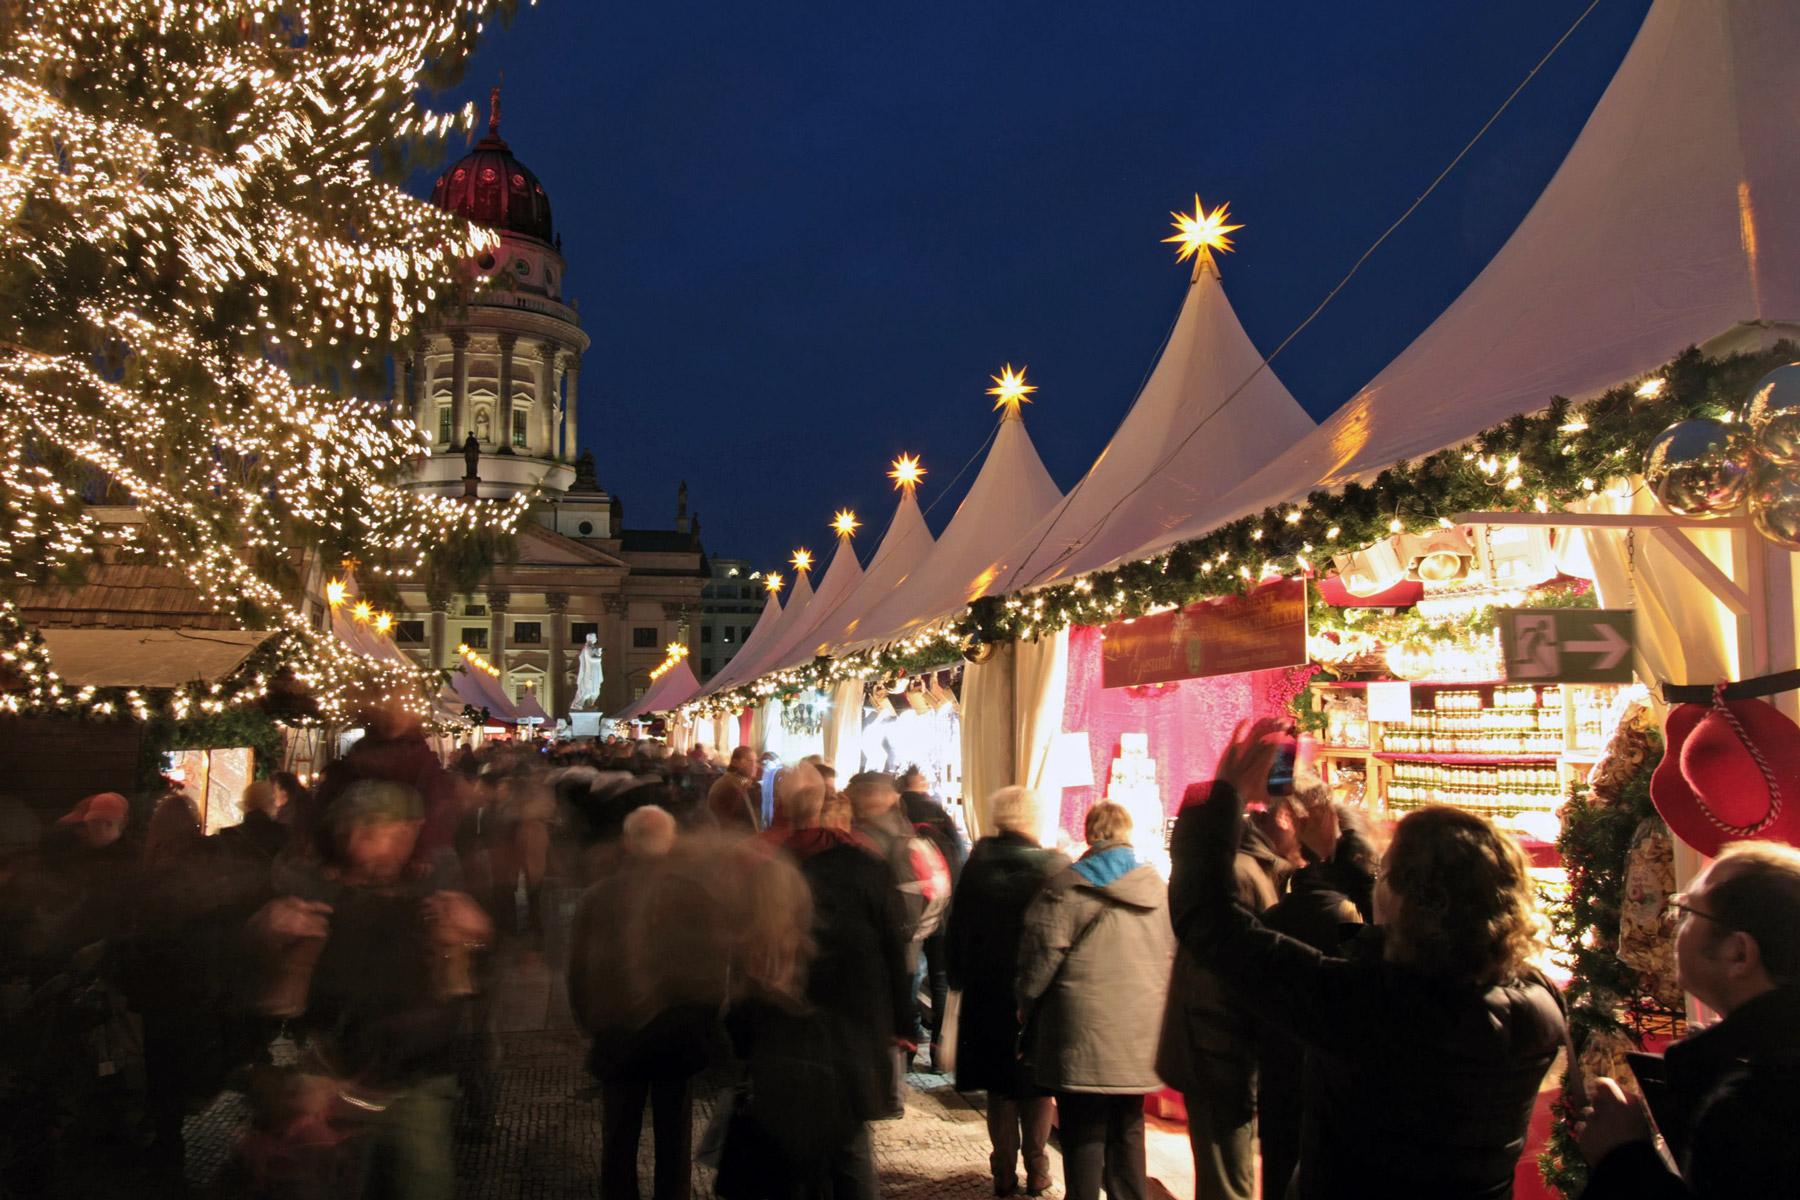 joulu berliinissä 2018 Glühweiniä ja shoppailua: Berliinin parhaat joulumarkkinat | Tripsteri joulu berliinissä 2018